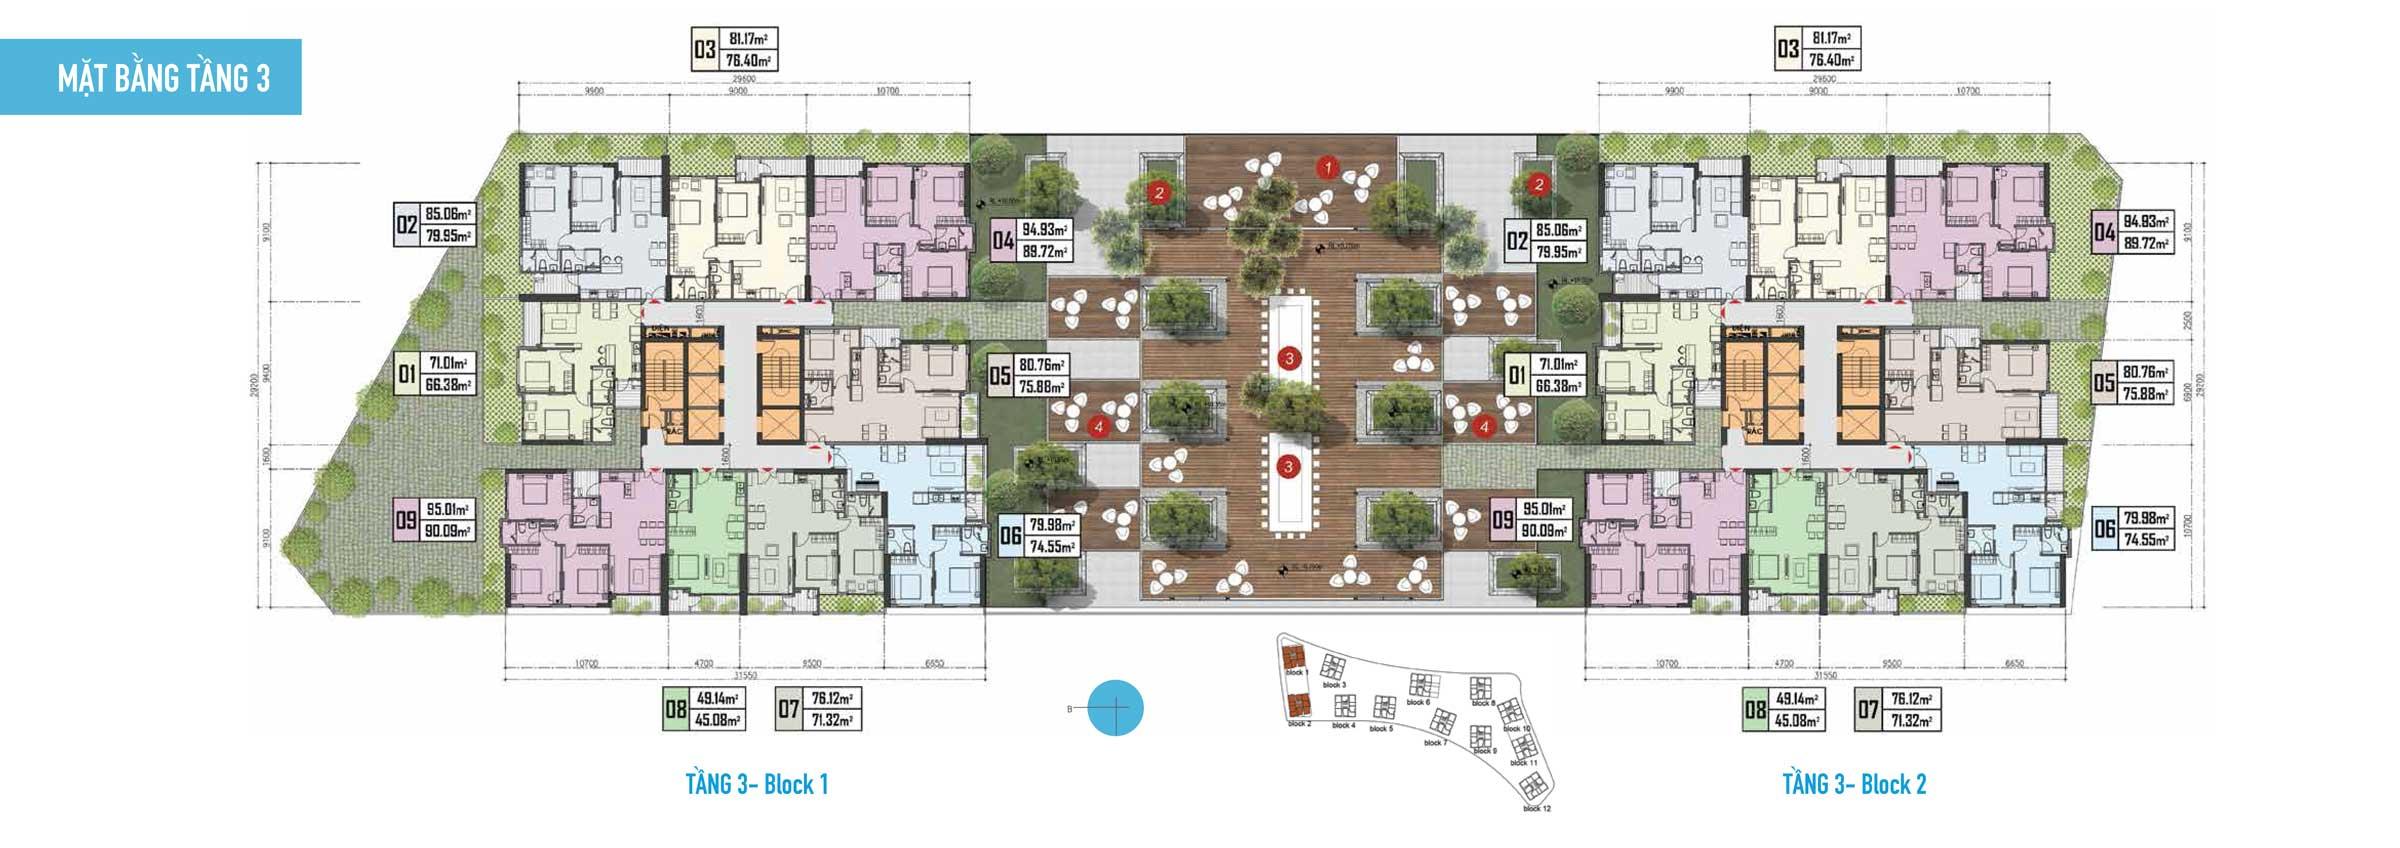 Thiết kế Căn hộ Gem Riverside - Mặt bằng tầng 3 Block 1,2